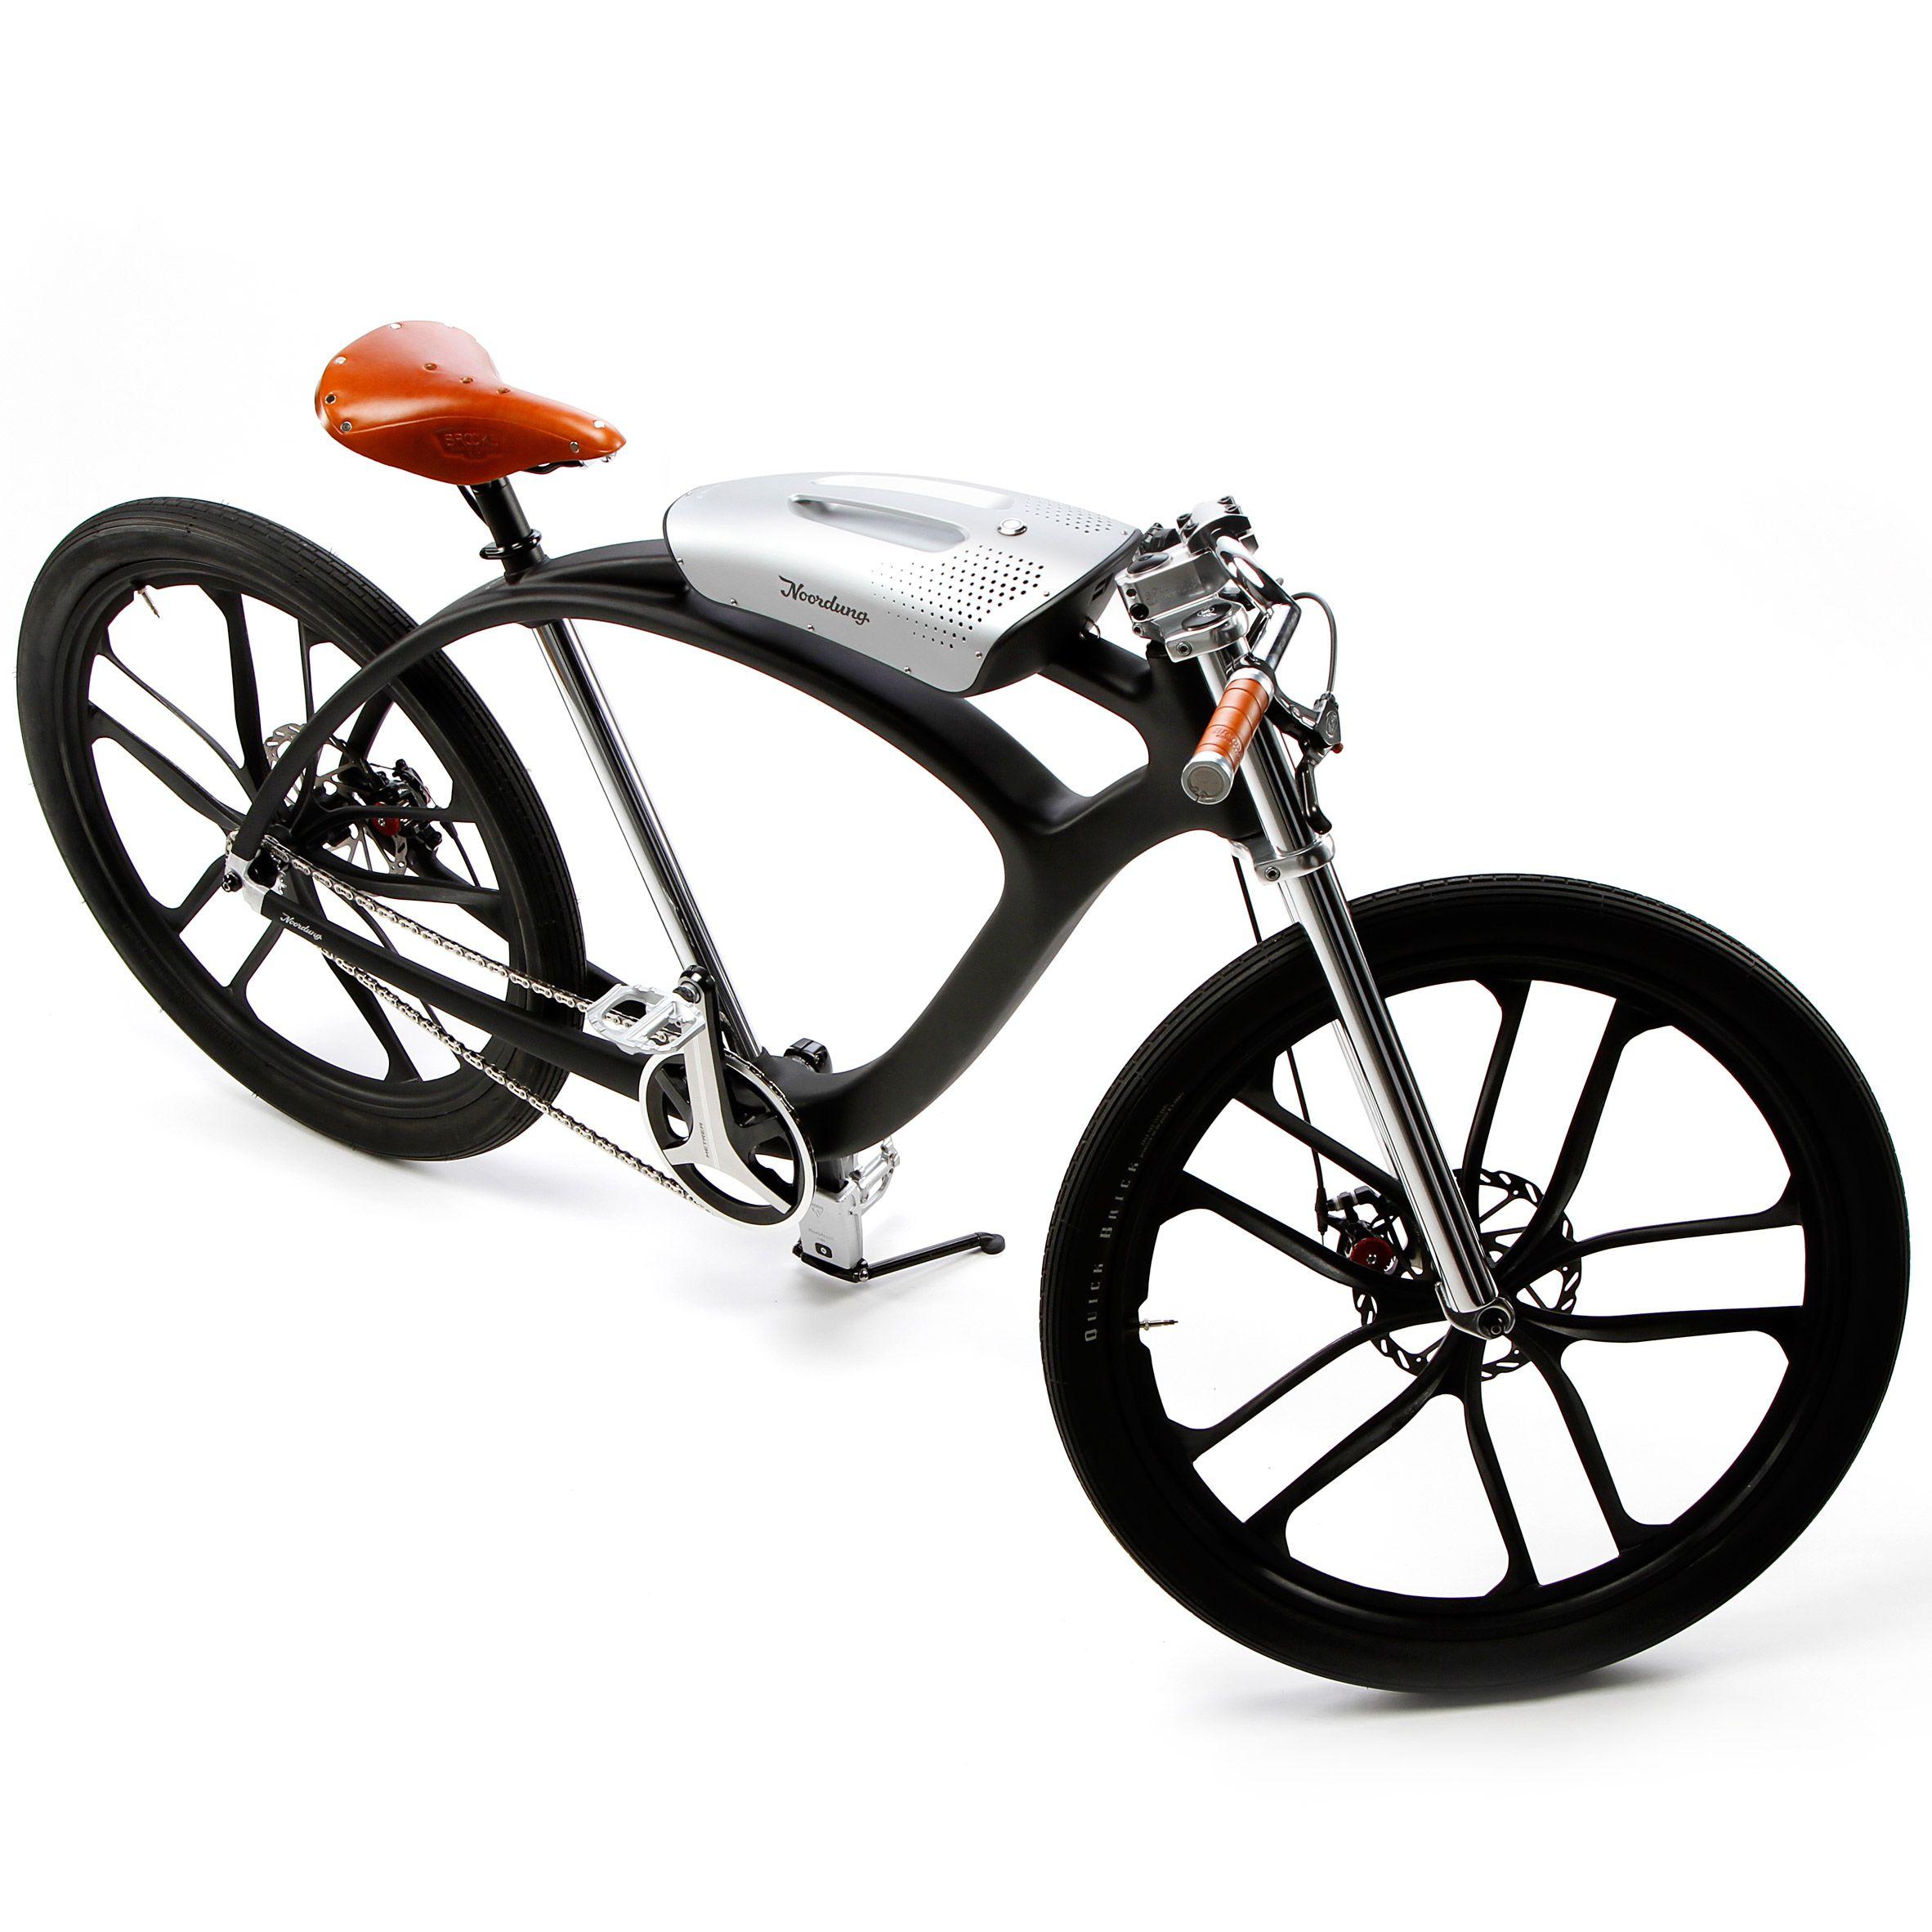 electric bike manufacturer noordung has designed a bicycle. Black Bedroom Furniture Sets. Home Design Ideas